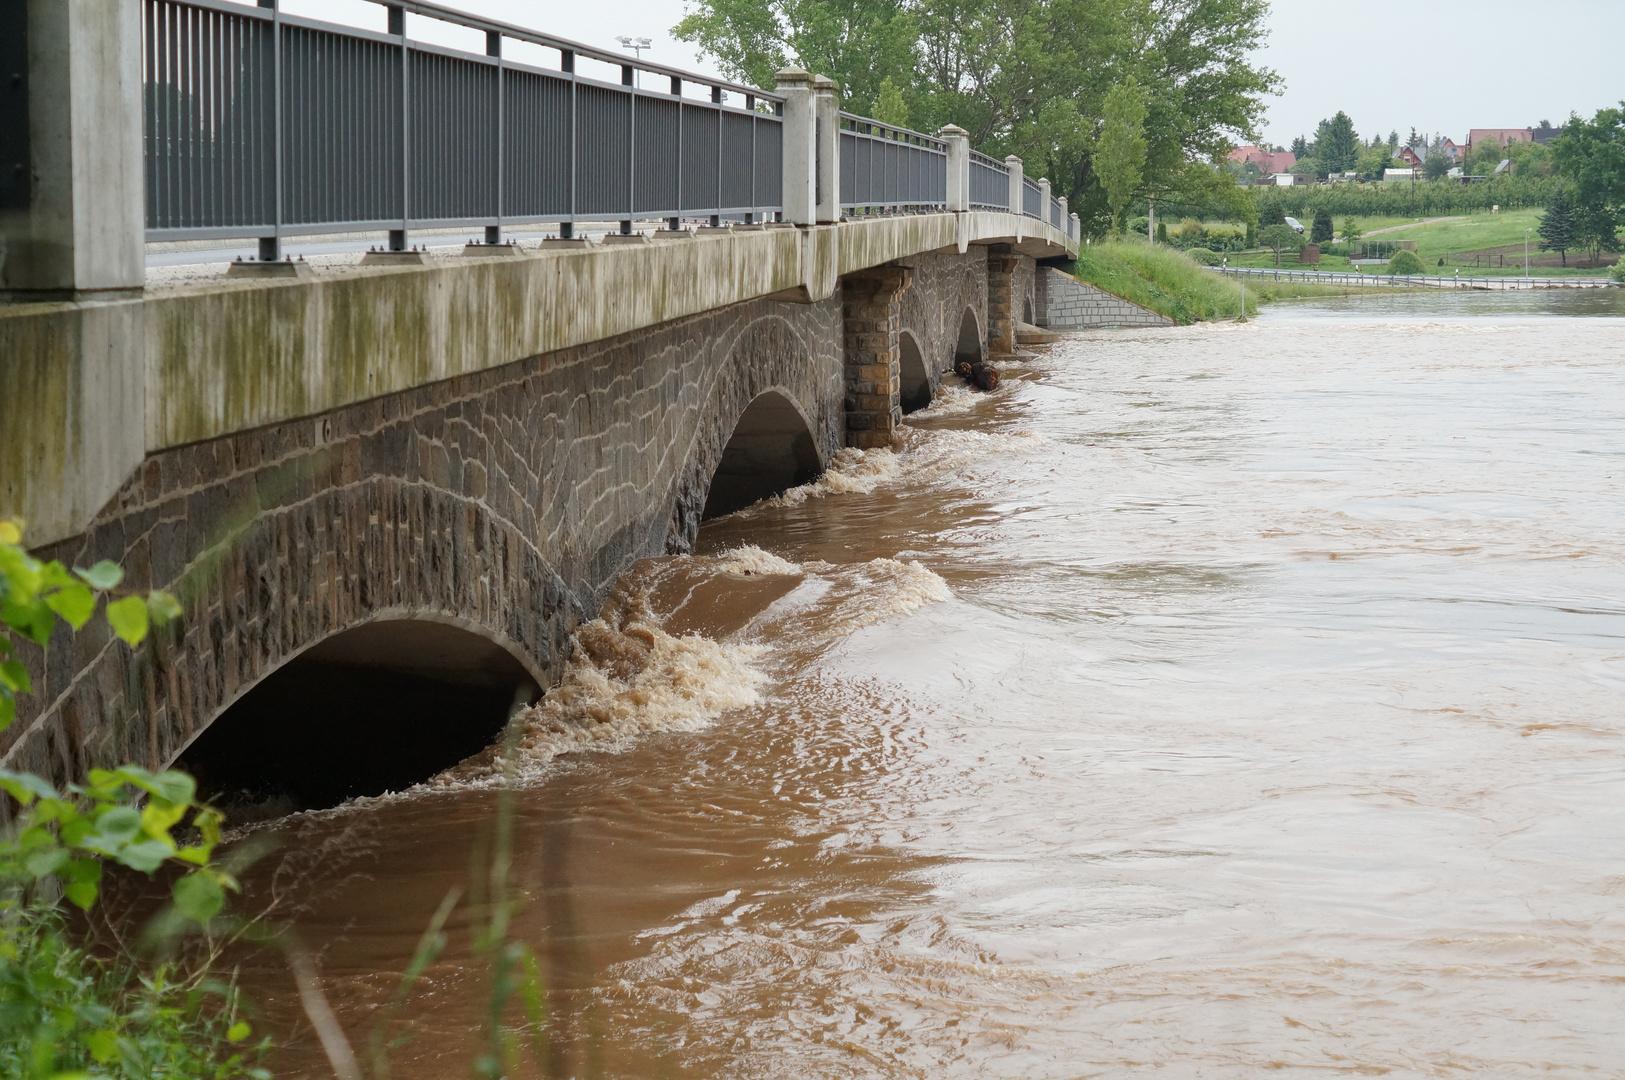 Hochwasser 2013 - die Mulde bei Kössern (Grimma) 03.06.2013